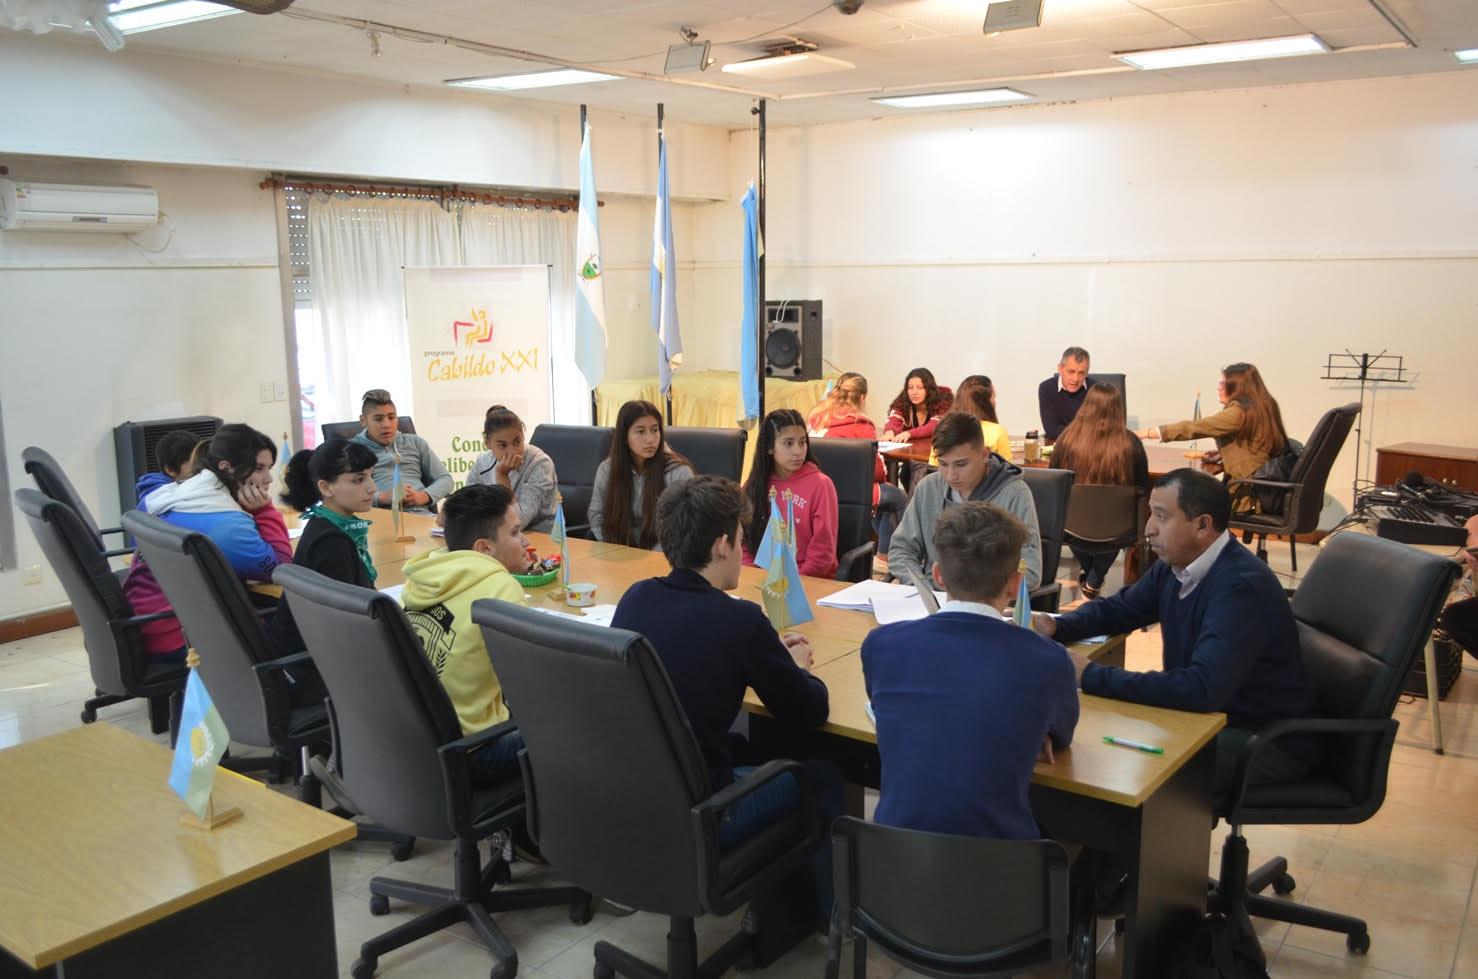 Cabildo XXI prepara la II Jornada Legislativa en el Centro Cultural Maracó